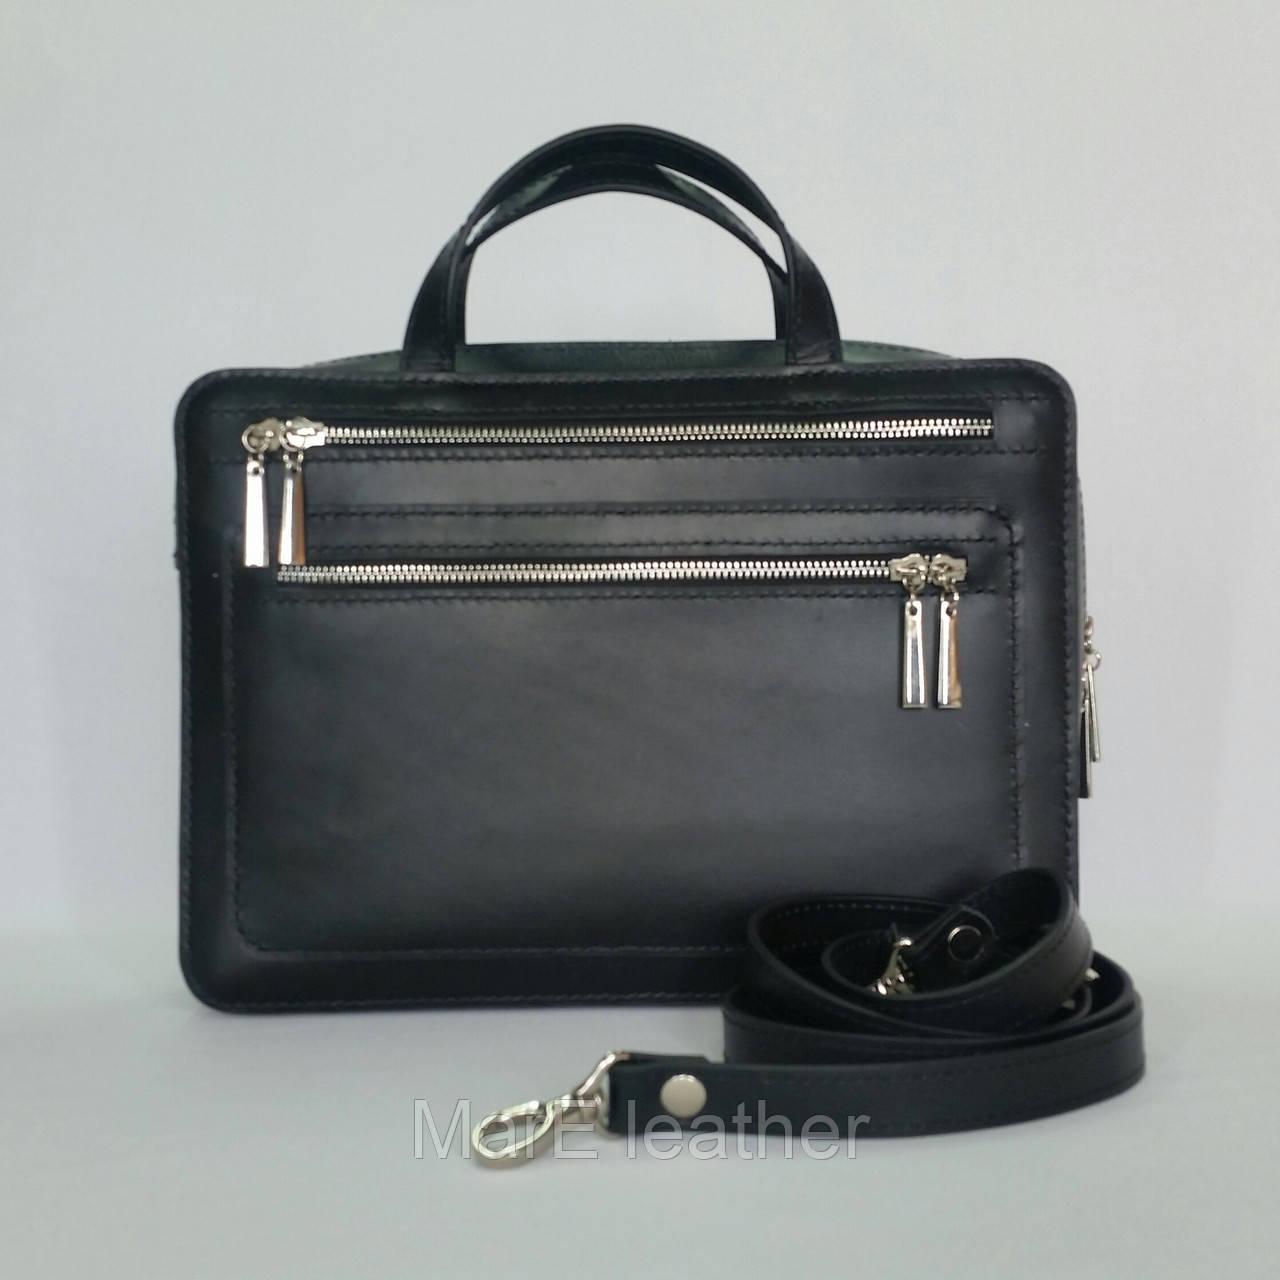 9e47bfa76a52 Мужская кожаная сумка ( А- 4) Из натуральной кожи итальянского производства